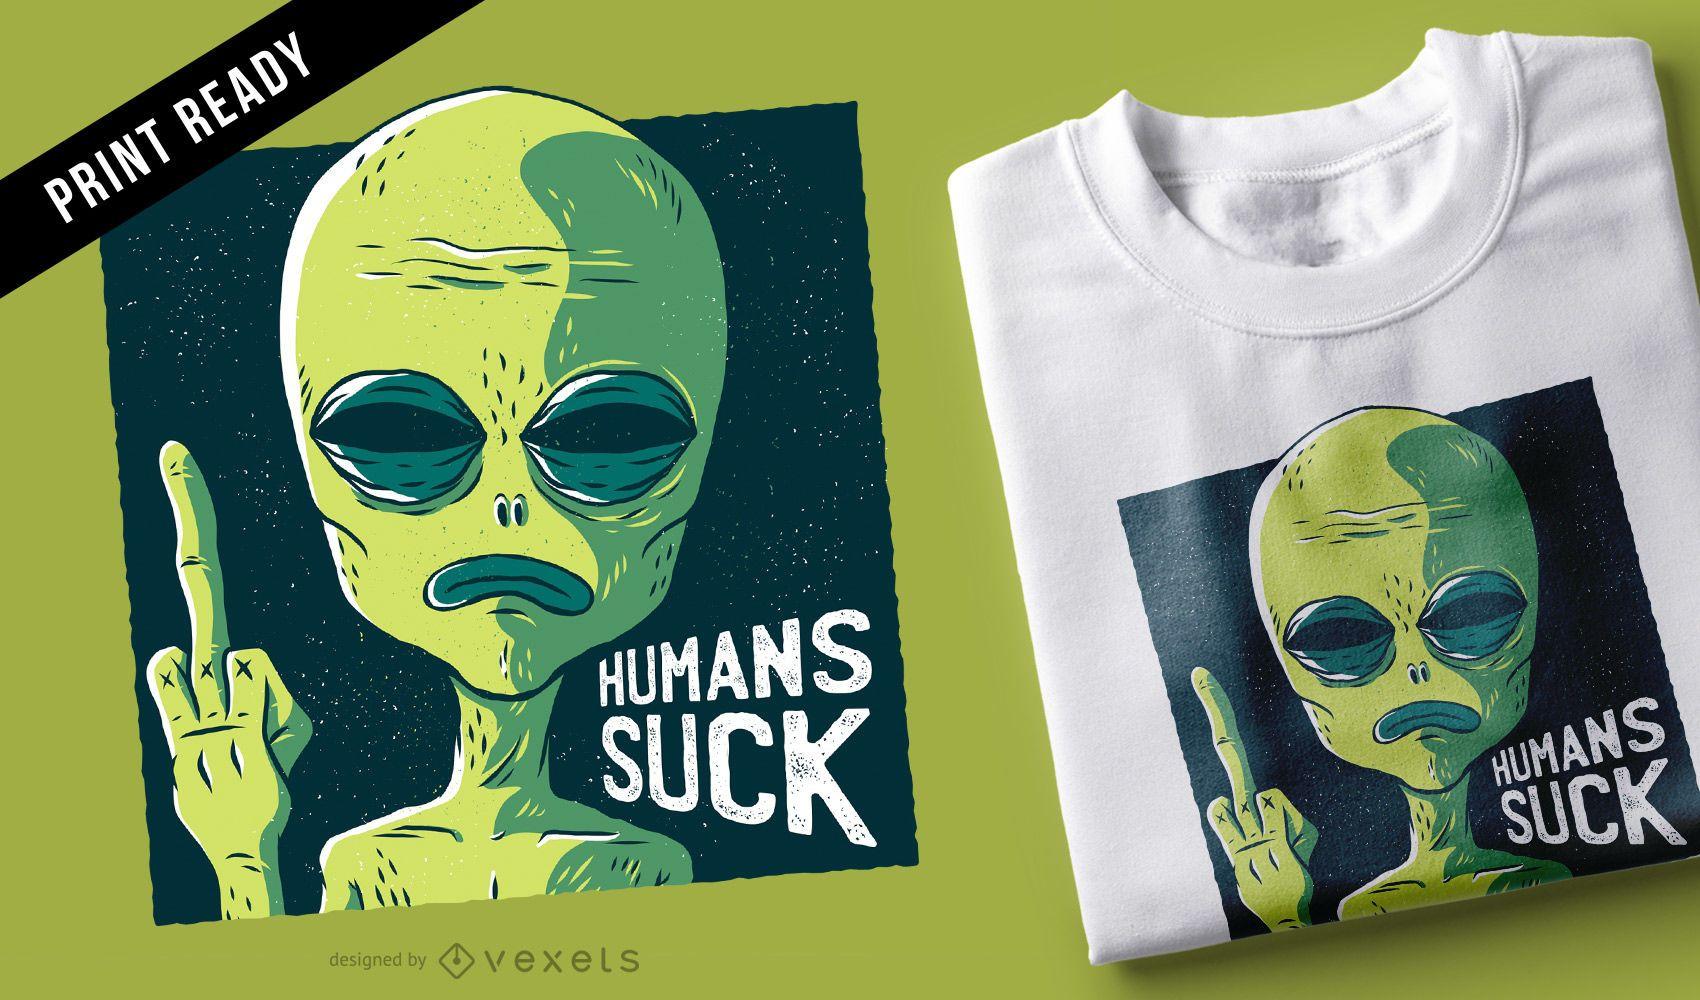 Humans suck t-shirt design